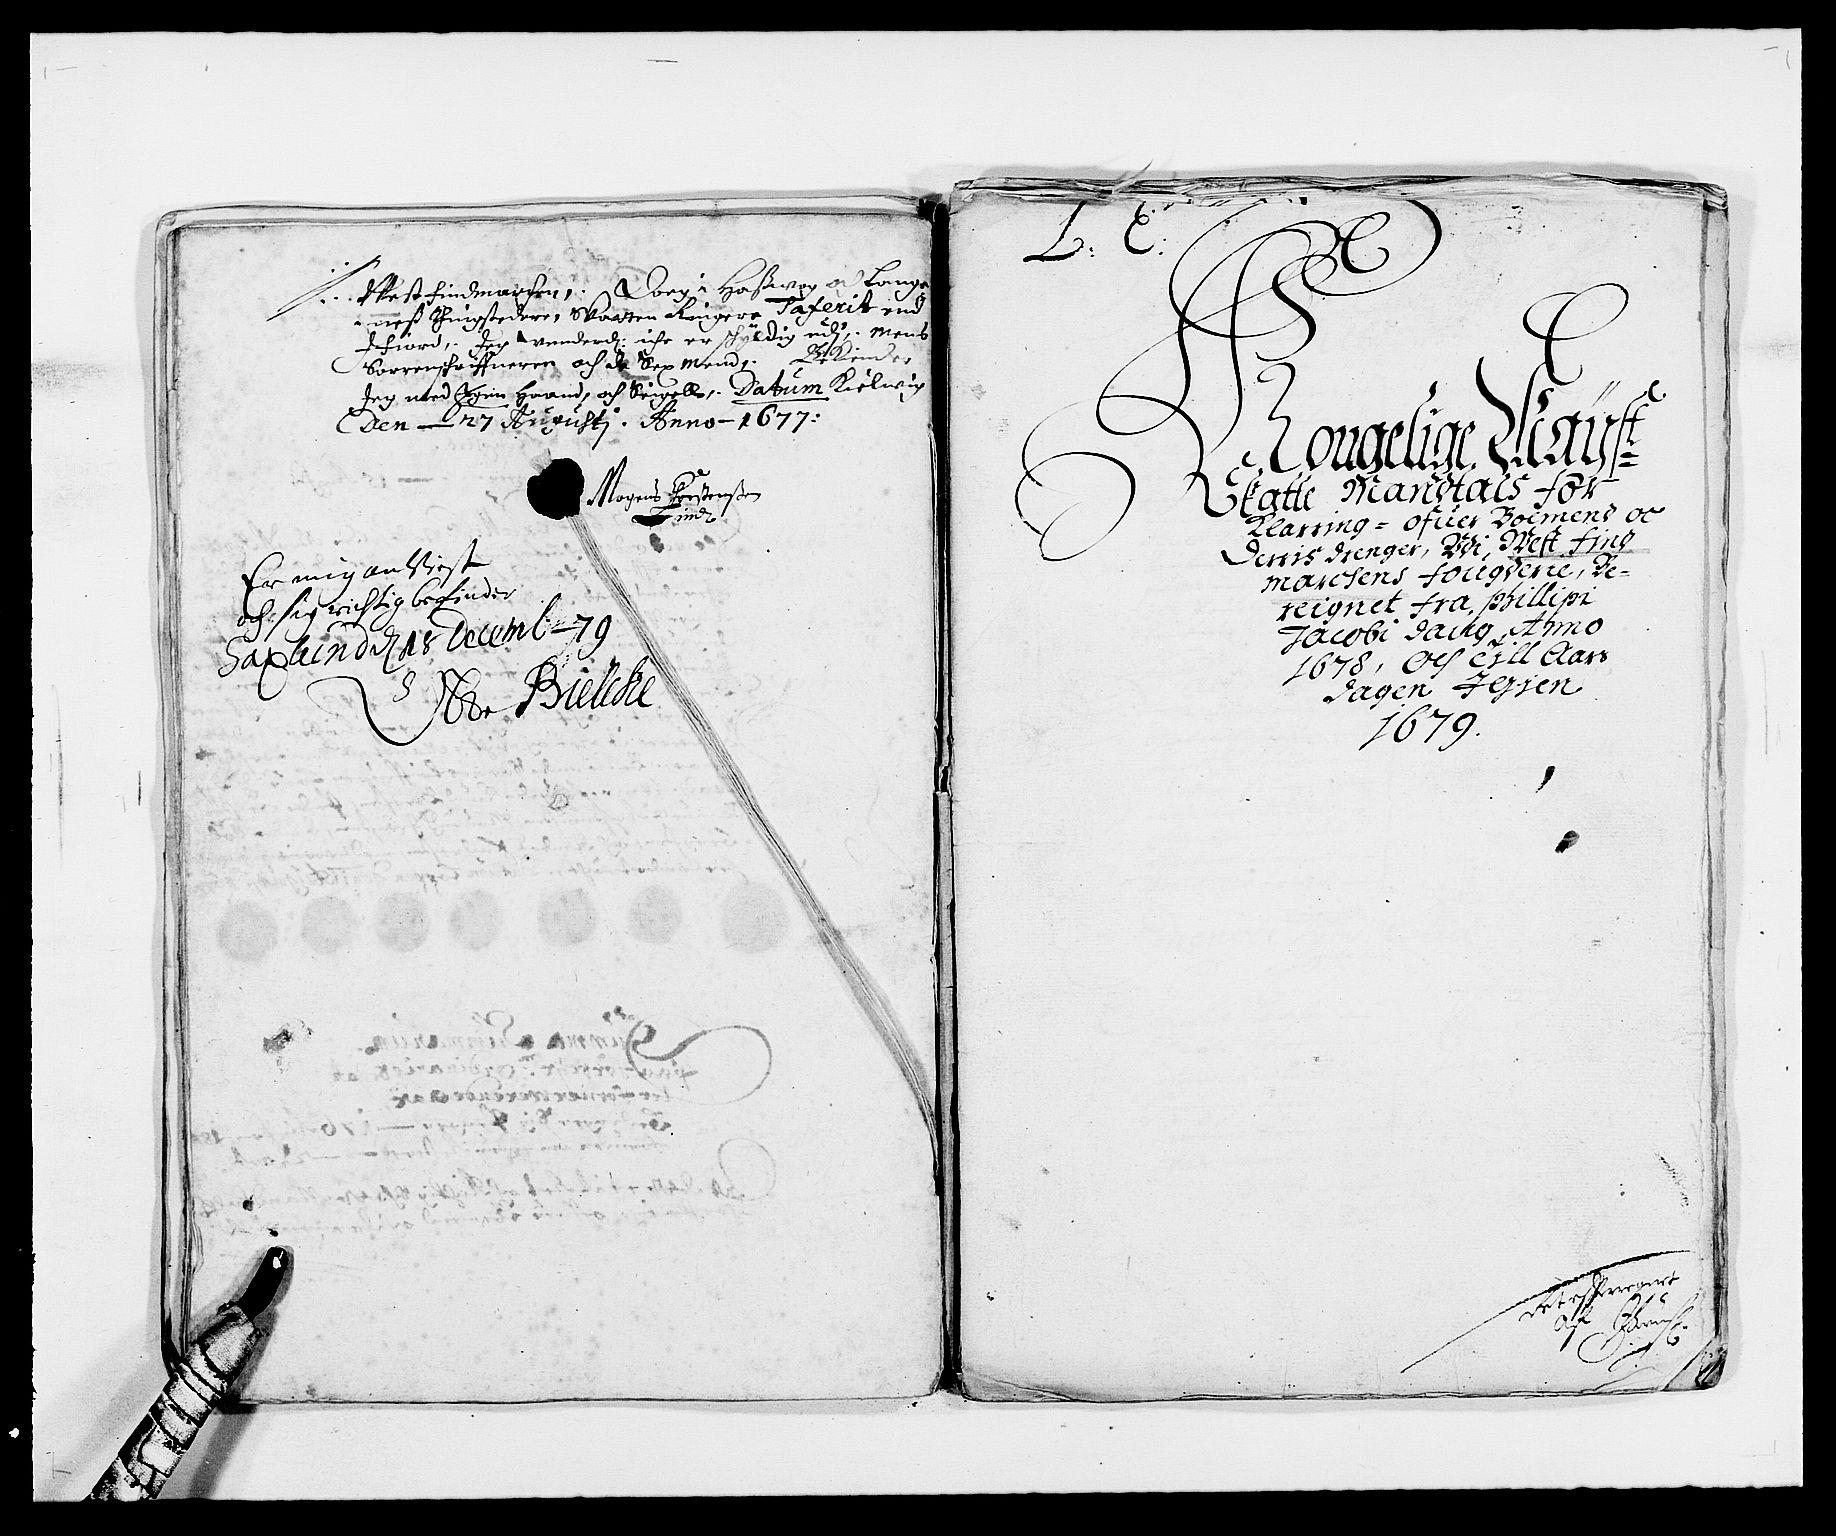 RA, Rentekammeret inntil 1814, Reviderte regnskaper, Fogderegnskap, R69/L4849: Fogderegnskap Finnmark/Vardøhus, 1661-1679, s. 429